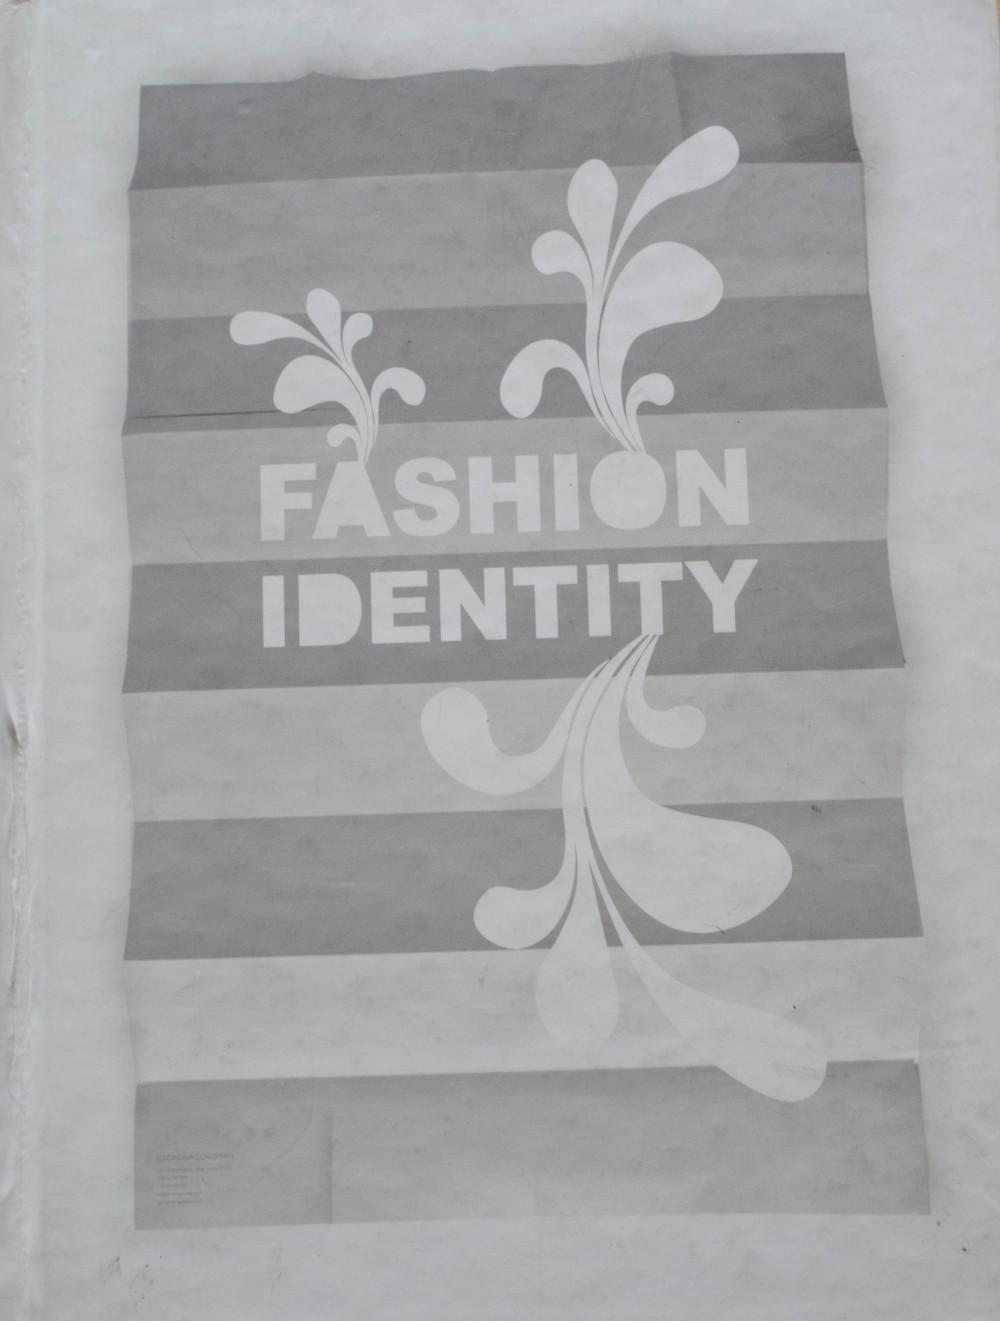 Fashion Identity.jpg